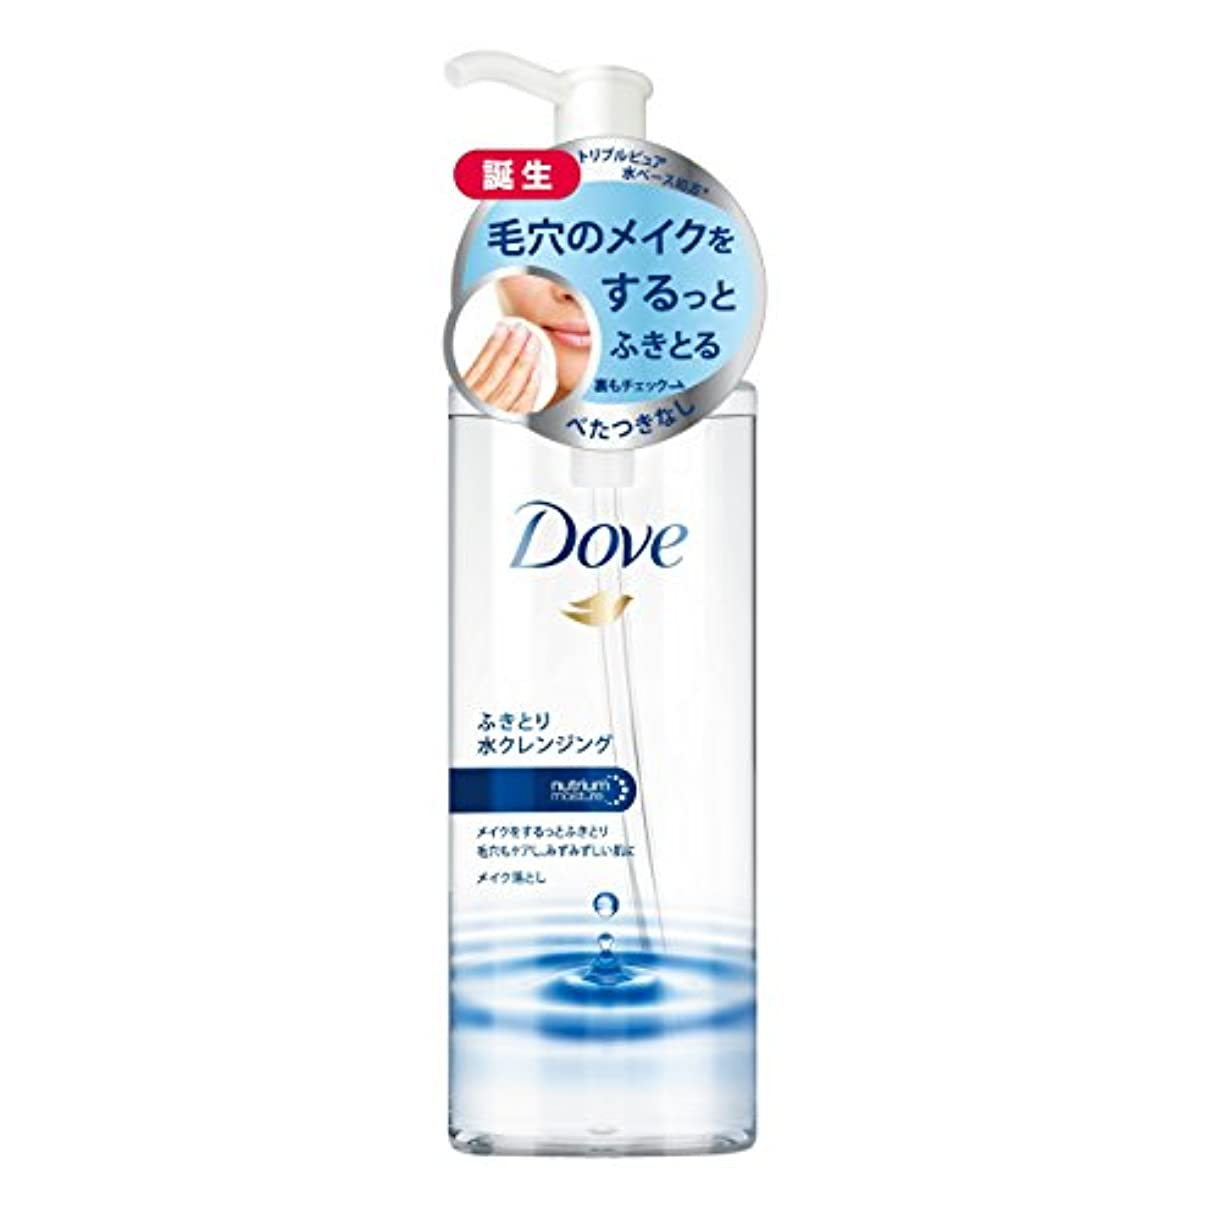 良性に向かって火薬Dove ダヴ ふきとり 水クレンジング 235ml